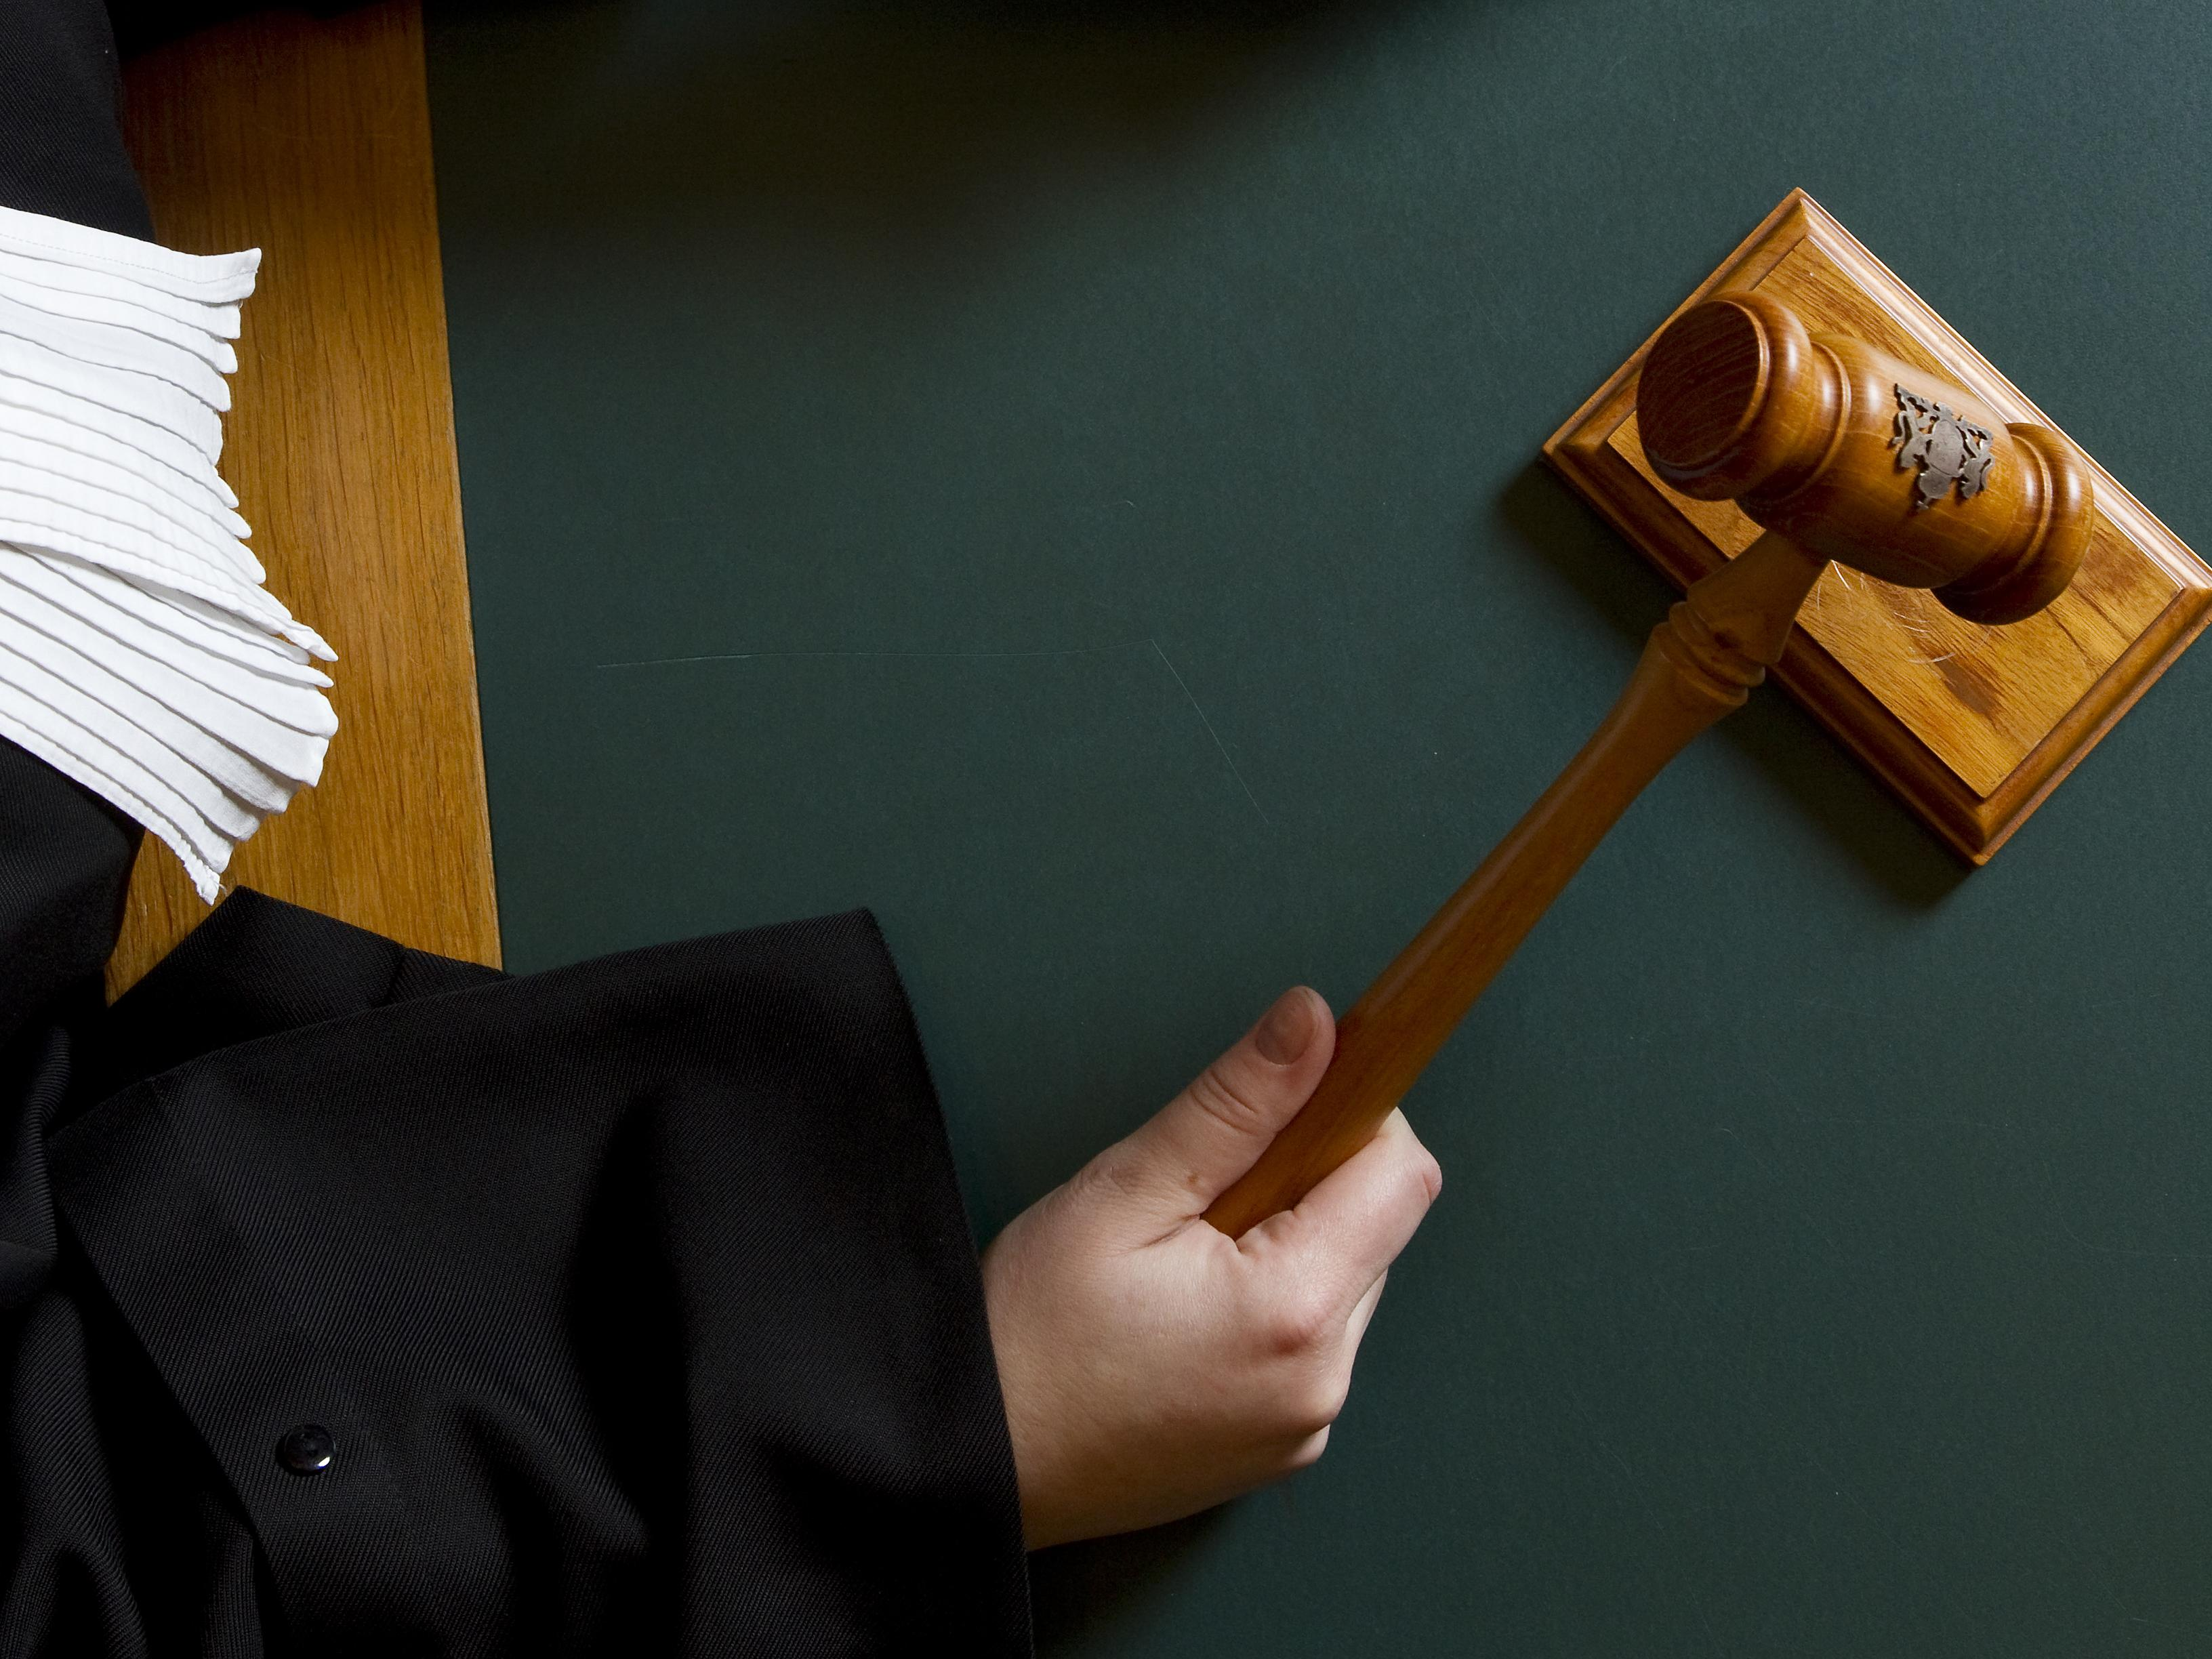 Heerhugowaarder (21) krijgt taakstraf voor serie bedrijfsinbraken en voertuigdiefstallen